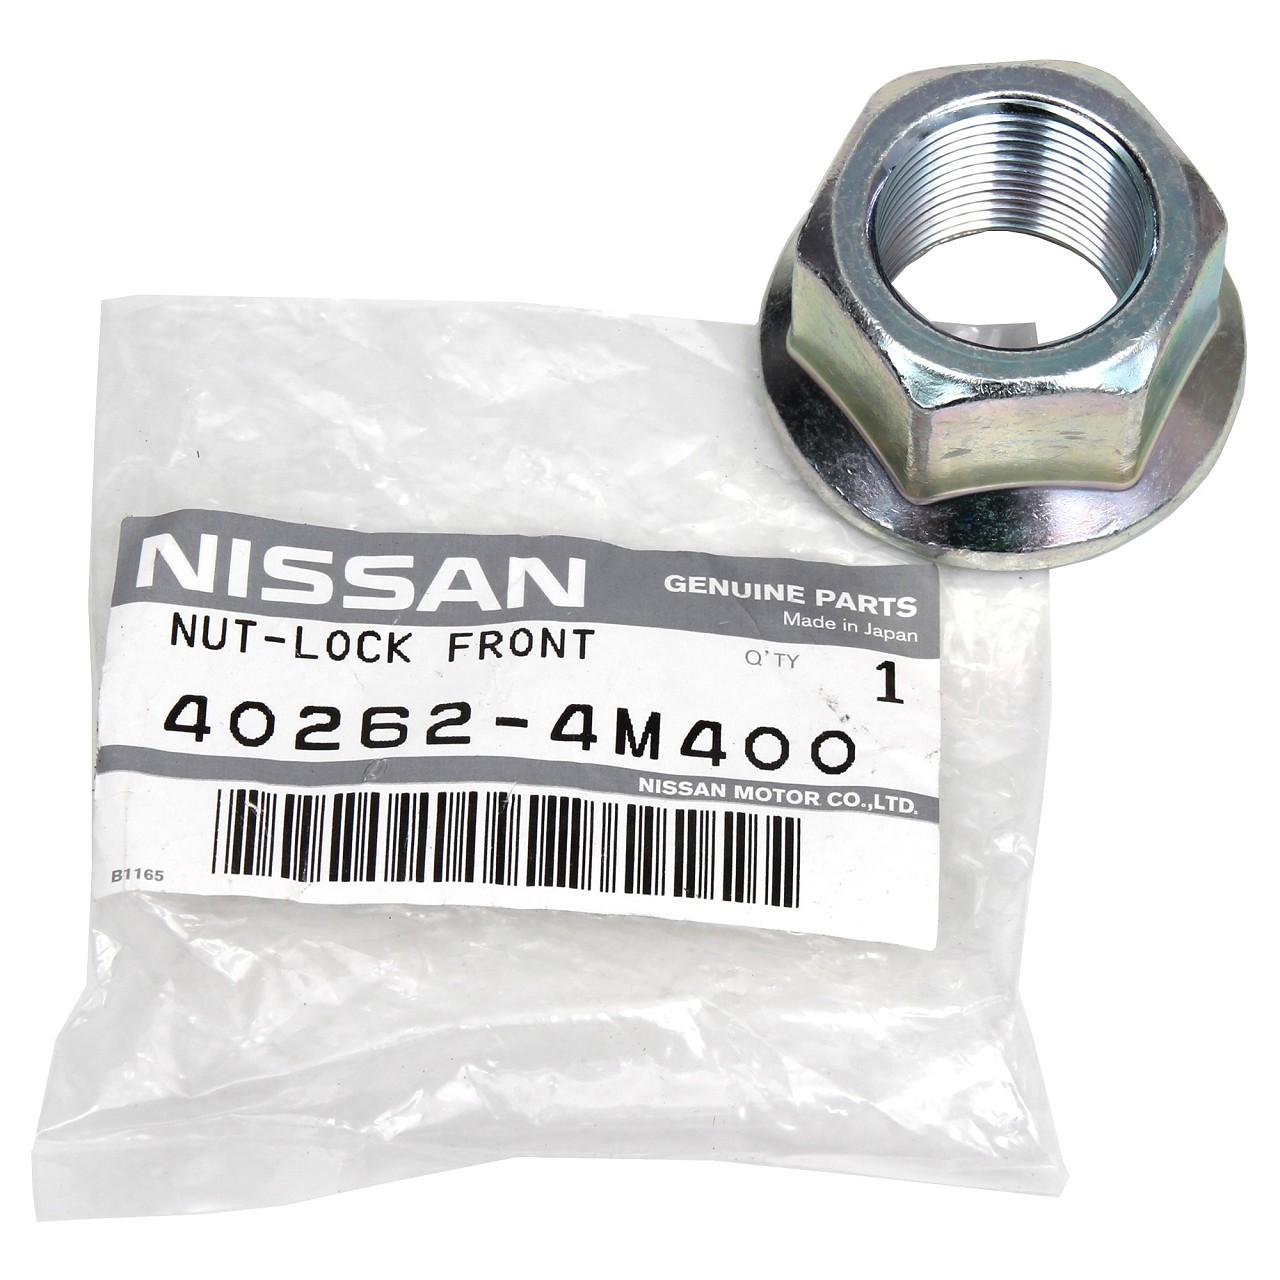 ORIGINAL Nissan Mutter Gelenkwelle Antriebswelle vorne 402624M400